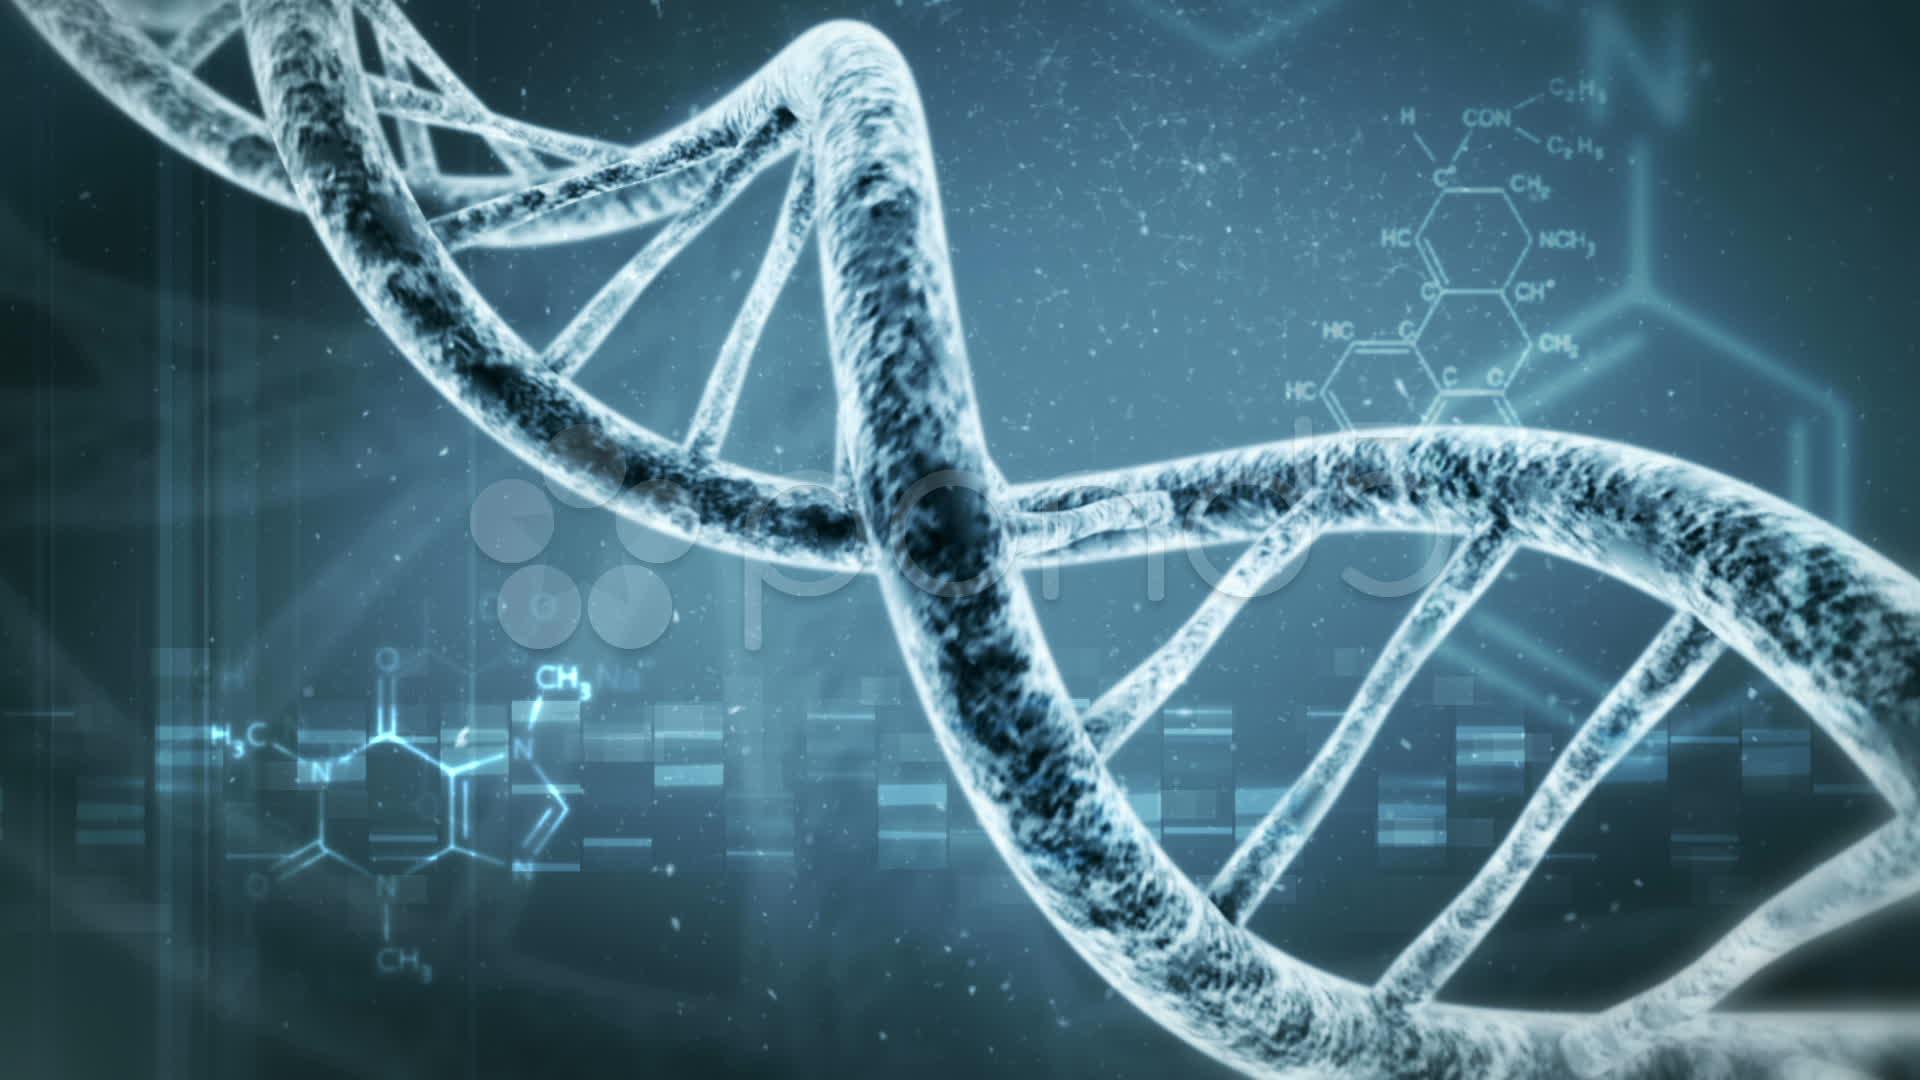 La enfermedad celíaca, en su origen no solo genética sino también viral